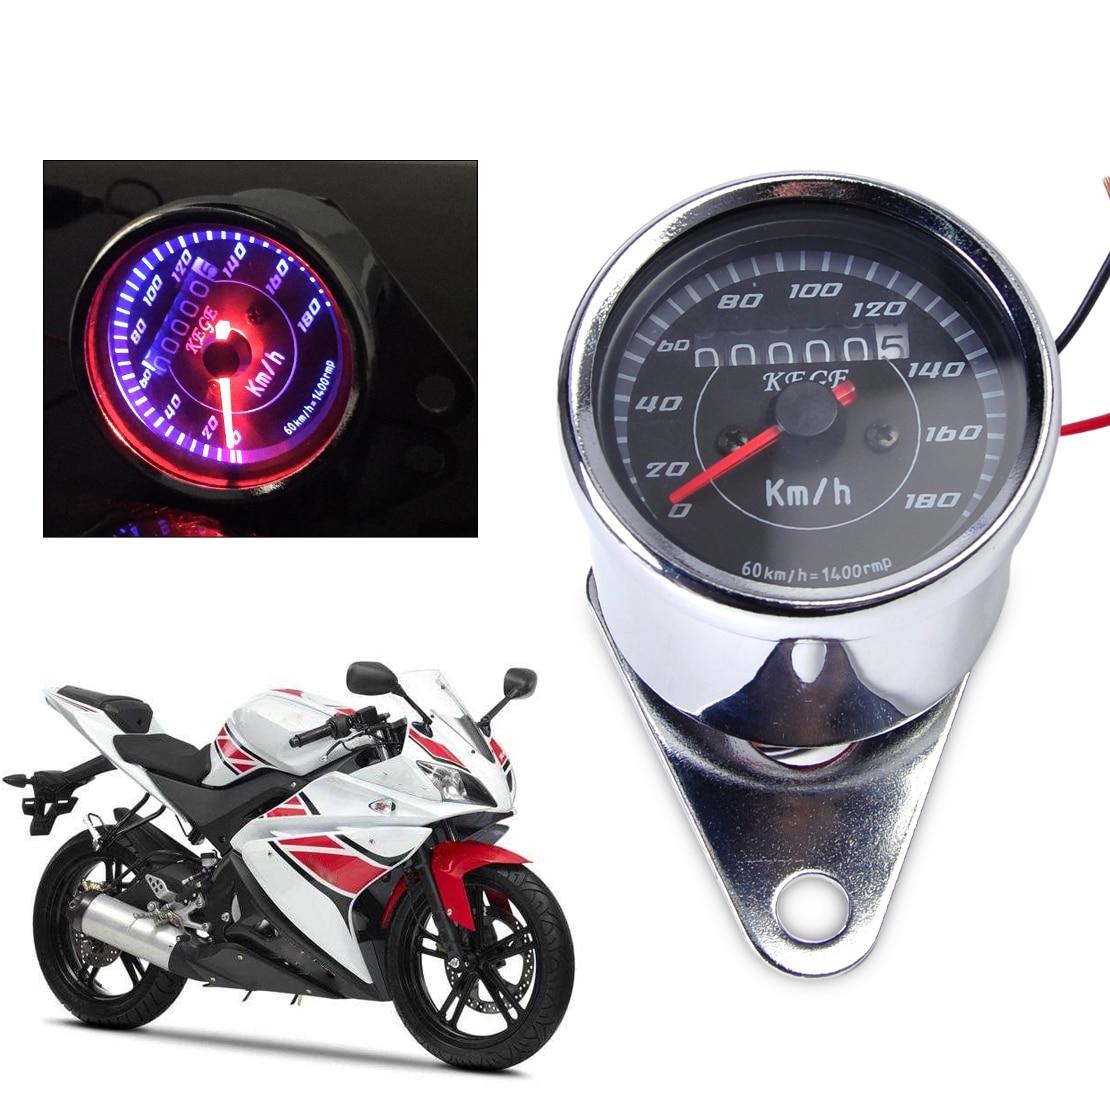 Universal Black Motorcycle Dual Odometer Speedometer Gauge Meter Backlight New#